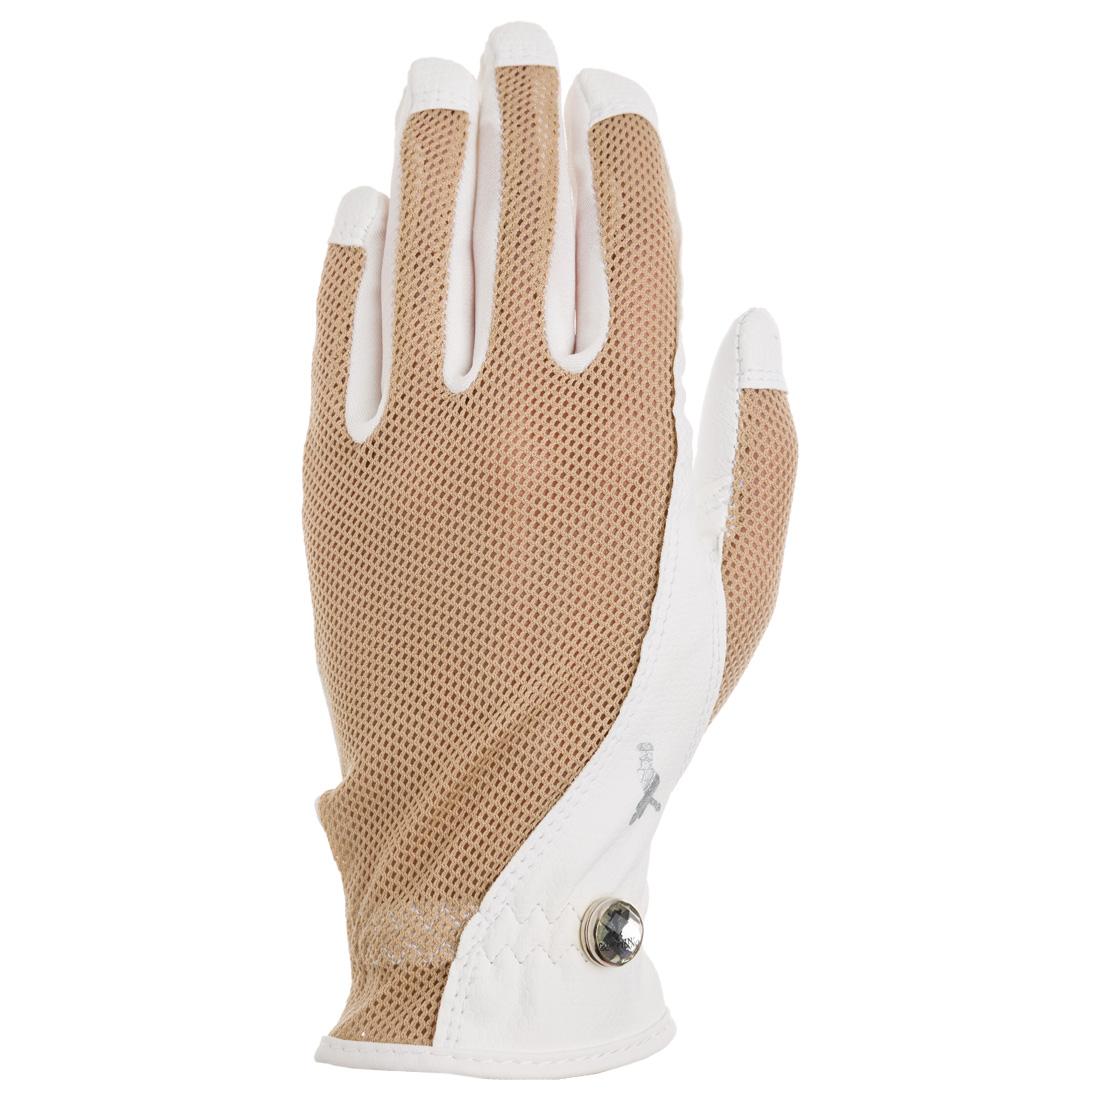 Golf Handschuh (links) aus leichtem Netzmaterial